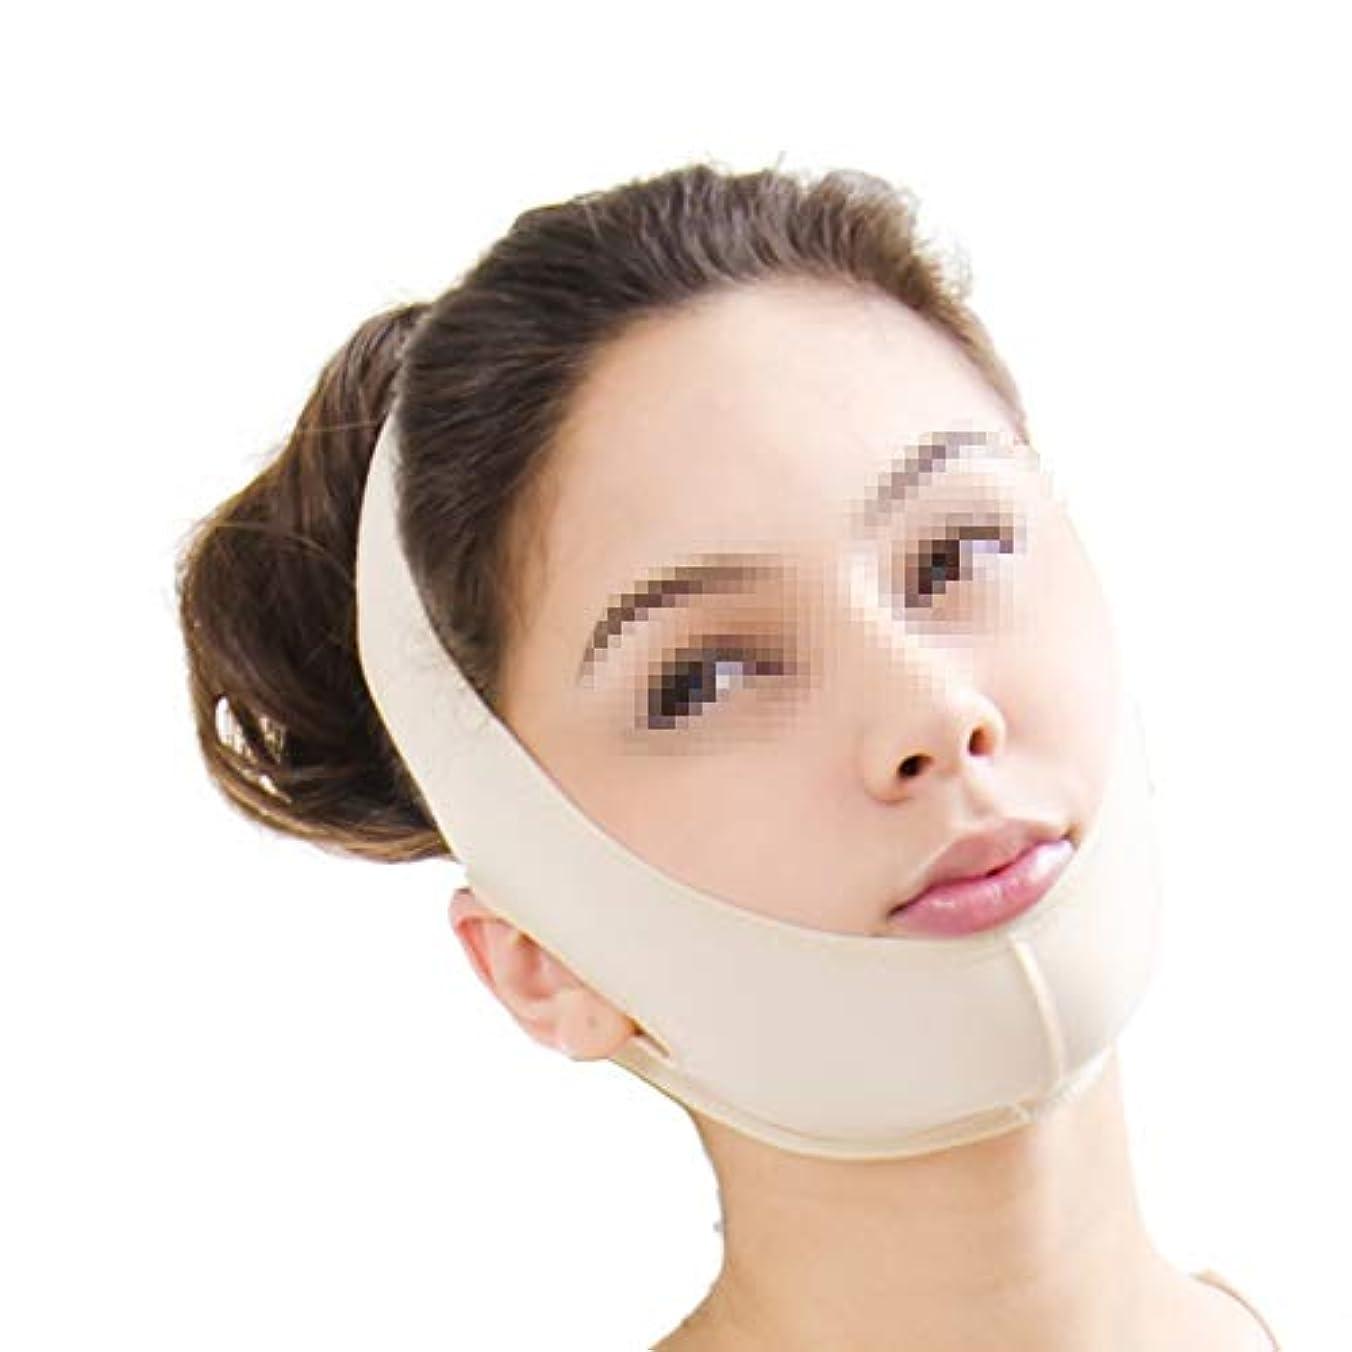 ポーター眠いです起きろXHLMRMJ フェイスリフトマスク、圧縮後の顎顔面二重あご化粧品脂肪吸引小さな顔包帯弾性ヘッドギア (Size : XL)